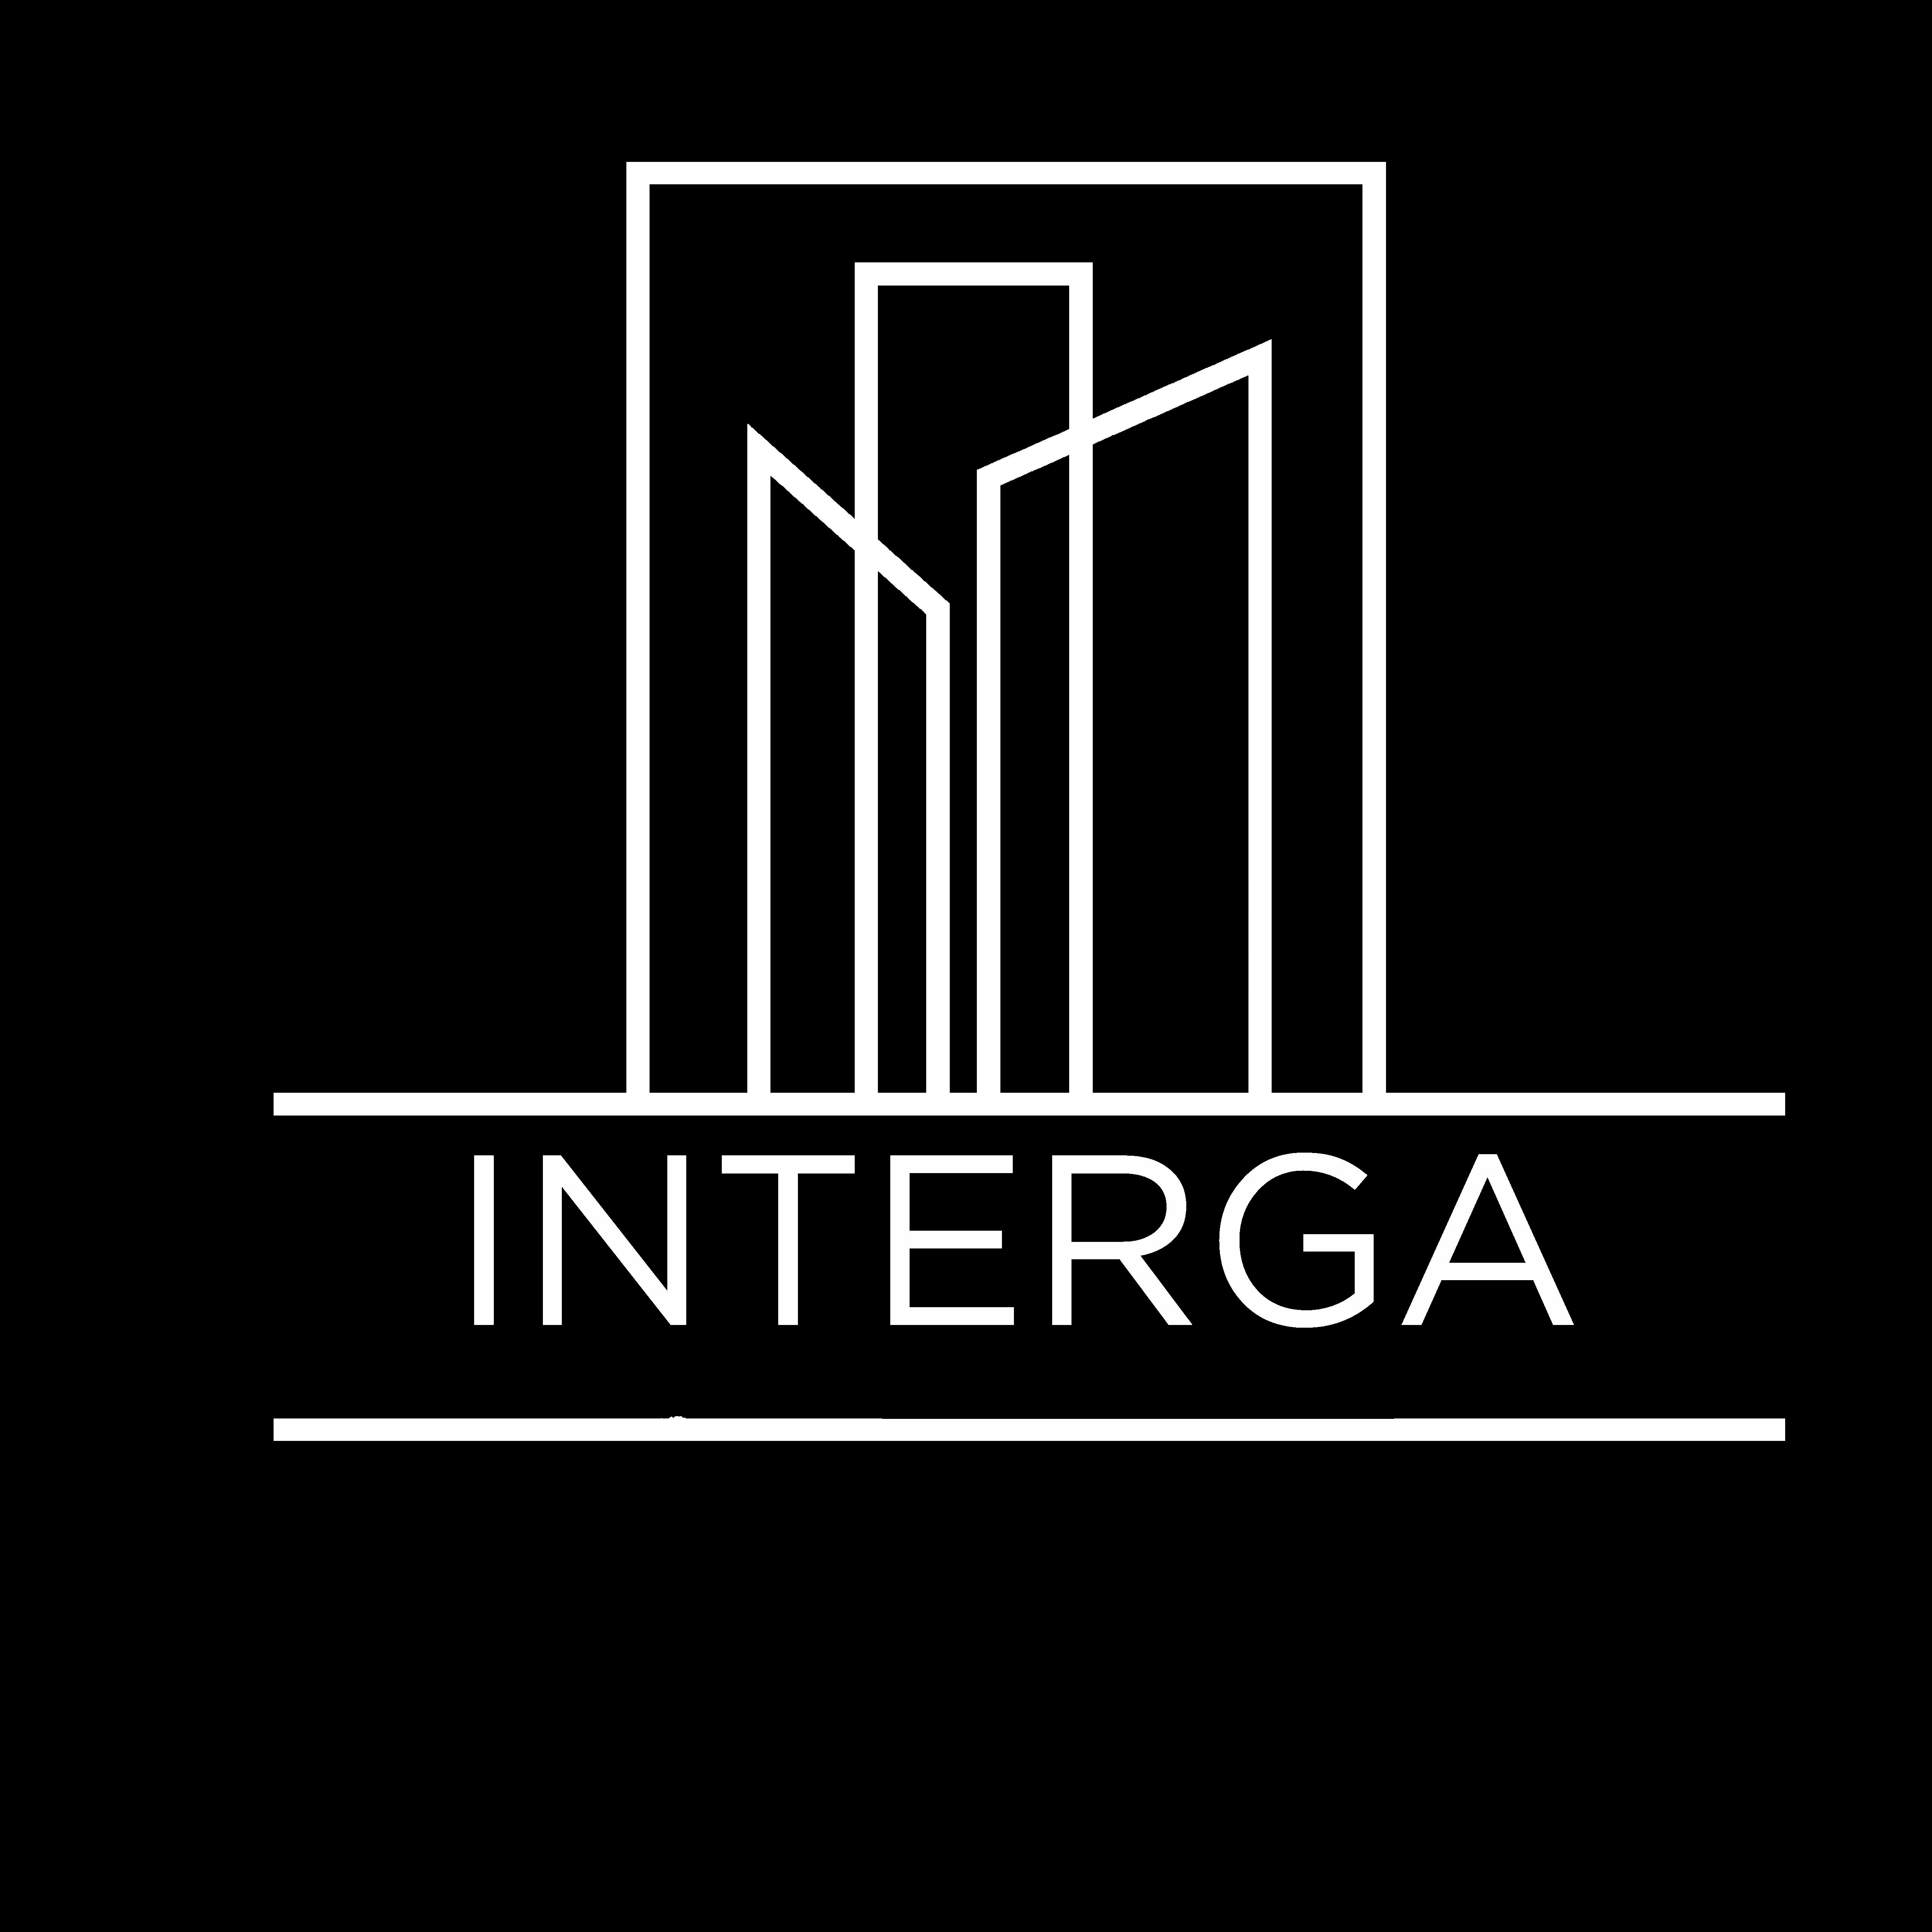 Interga